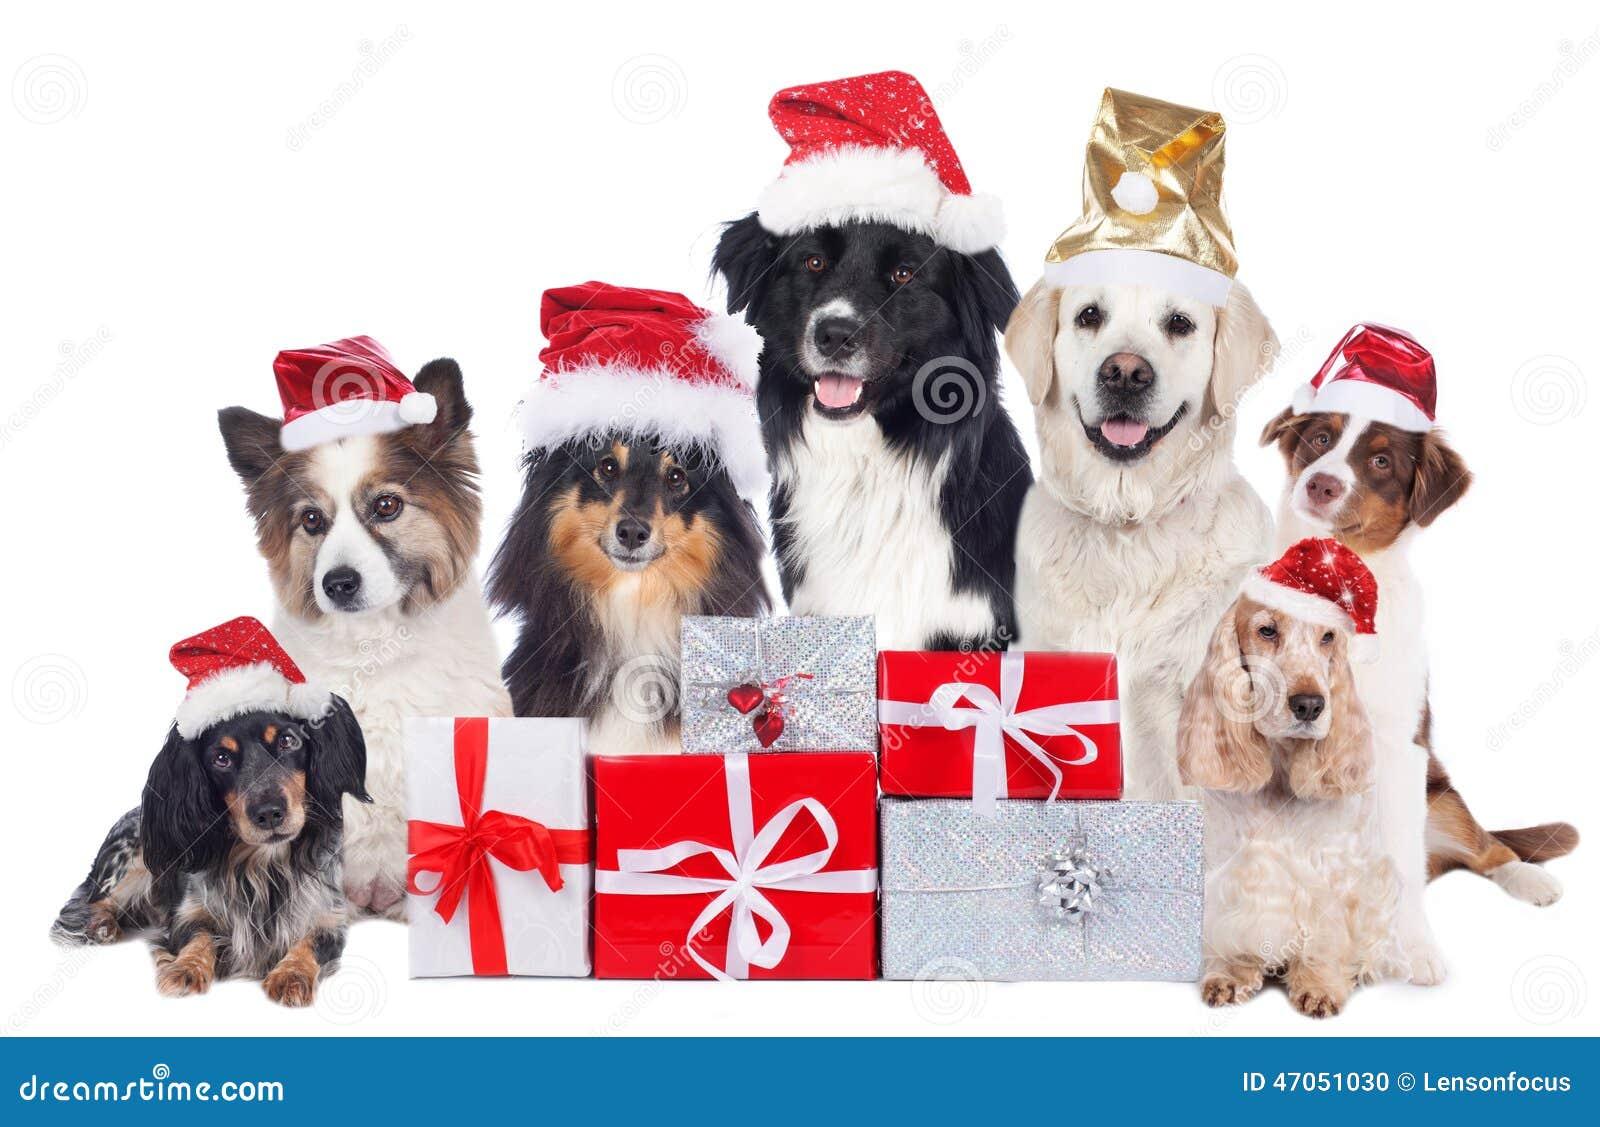 Immagini Natalizie Con Cani.Gruppo Di Cani Di Razza Con I Regali Di Natale Con I